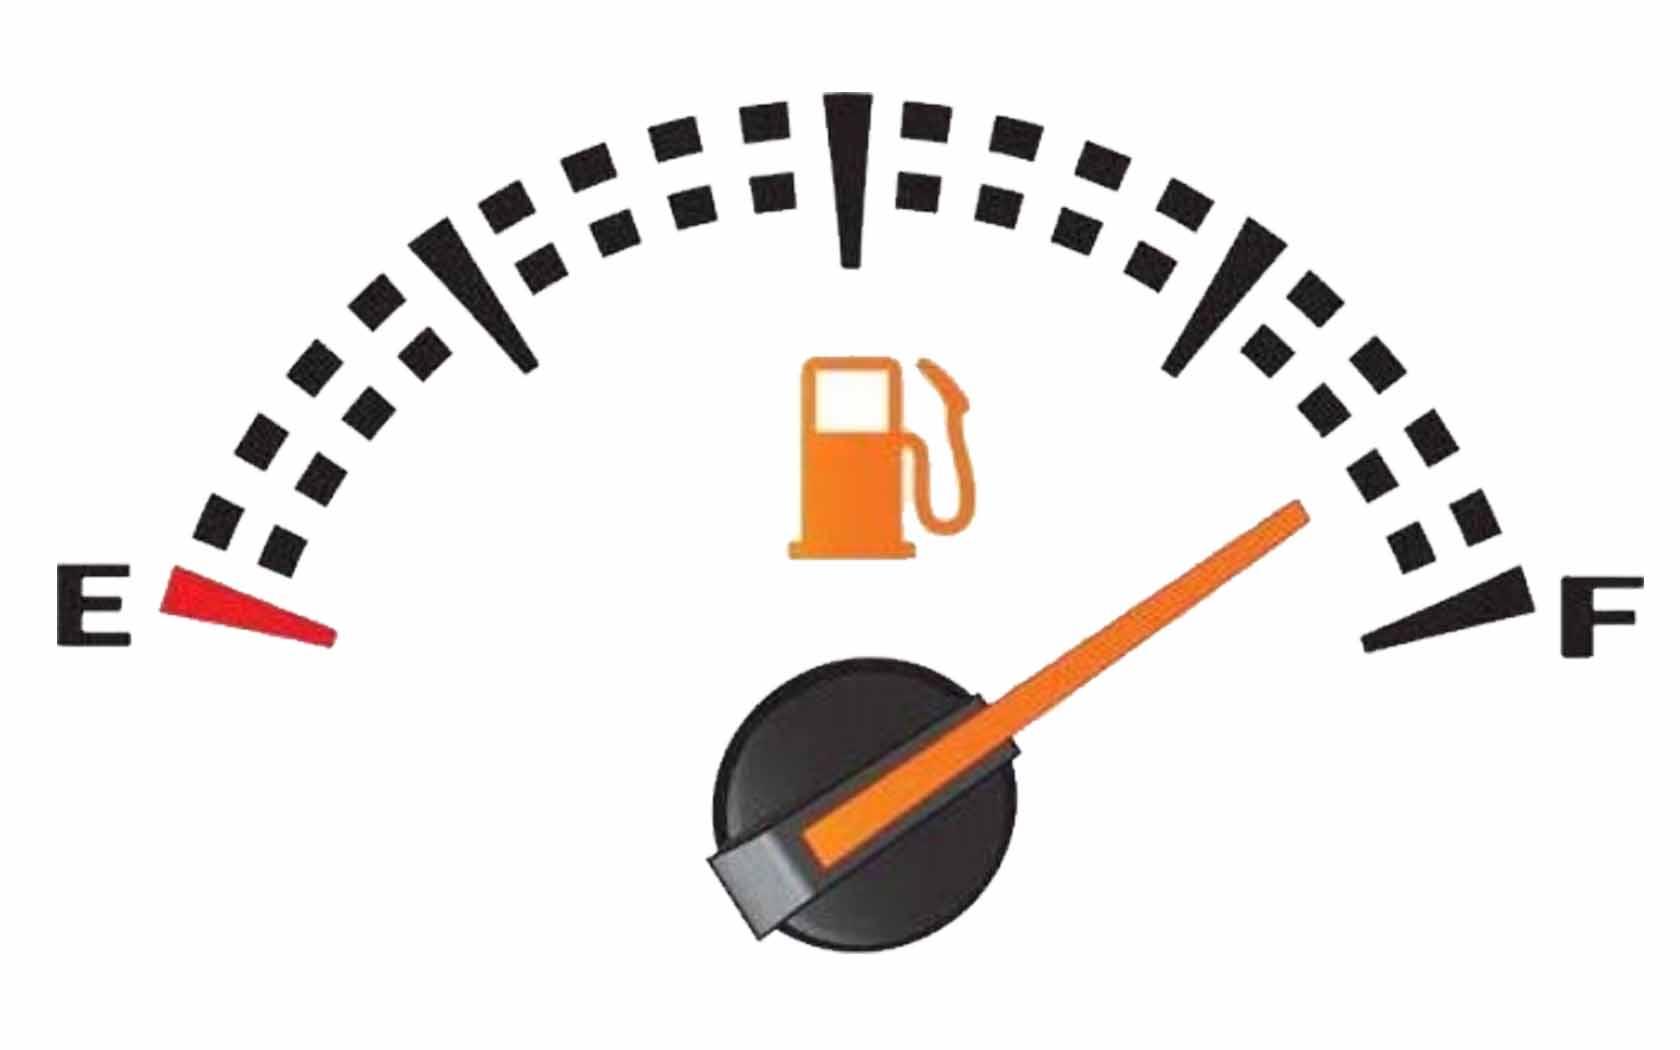 Fuel - Fuel Gauge PNG